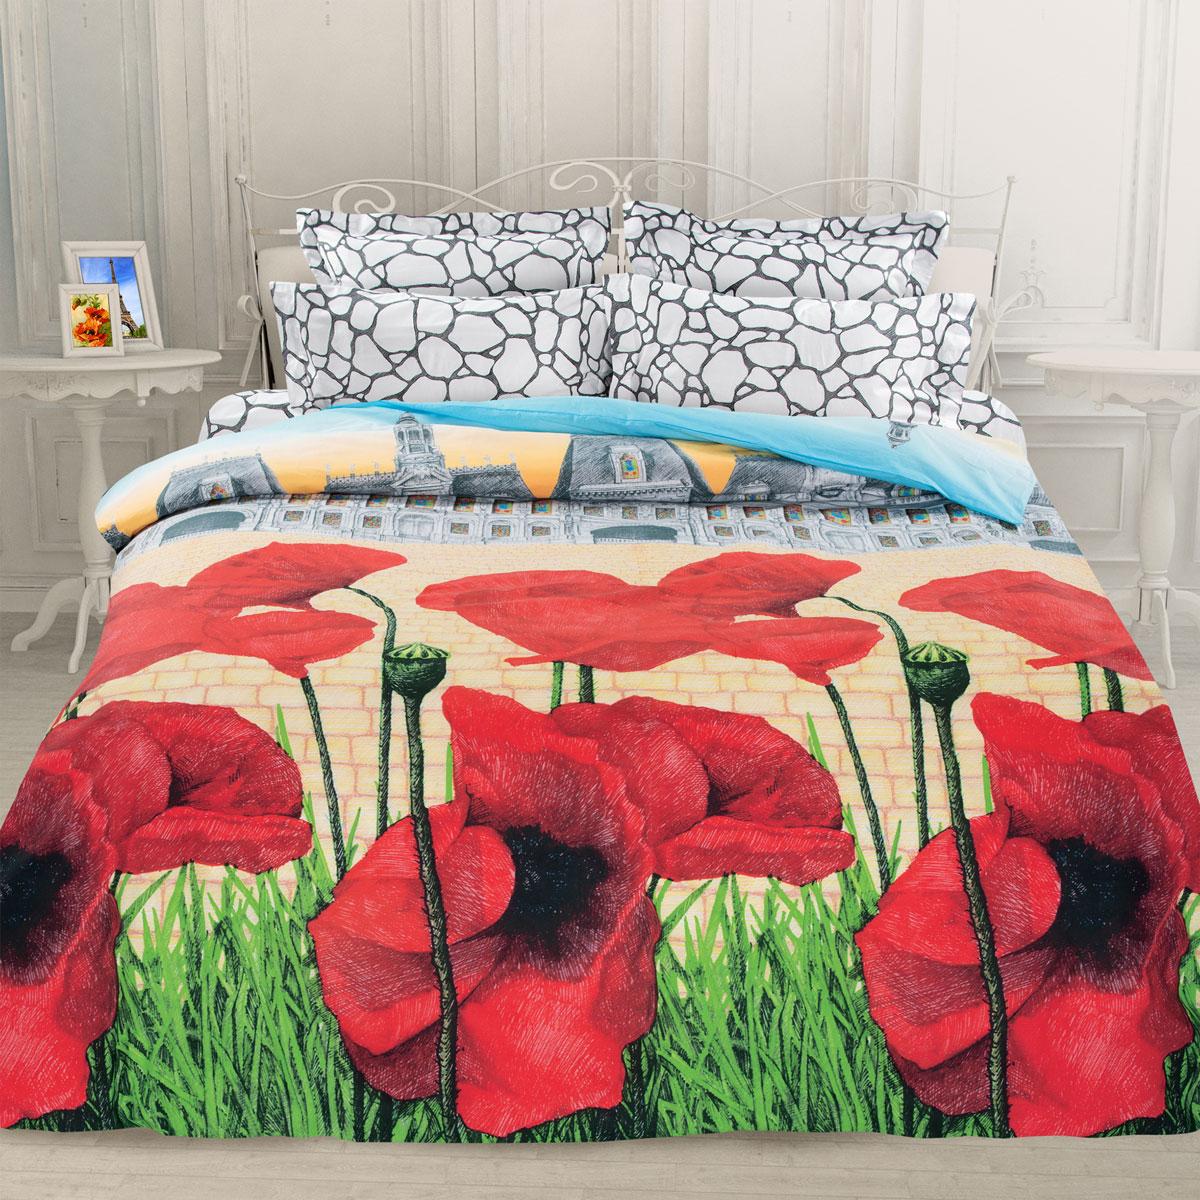 Комплект белья Унисон Французская сказка, семейный, наволочки 70 х 70, цвет: красный. 276903276903Постельное белье торговой марки «Унисон Биоматин» - это домашний текстиль премиум класса с эксклюзивными дизайнами в разнообразных стилистических решениях. Комплекты данной серии выполнены из ткани «биоматин» - это 100% хлопок высочайшего качества, мягкий, тонкий и легкий, но при этом прочный, долговечный и очень практичный, с повышенным показателем износостойкости, обладающий грязе- и пылеотталкивающими свойствами, долго сохраняющий чистоту и свежесть постельного белья, гипоаллергенный.